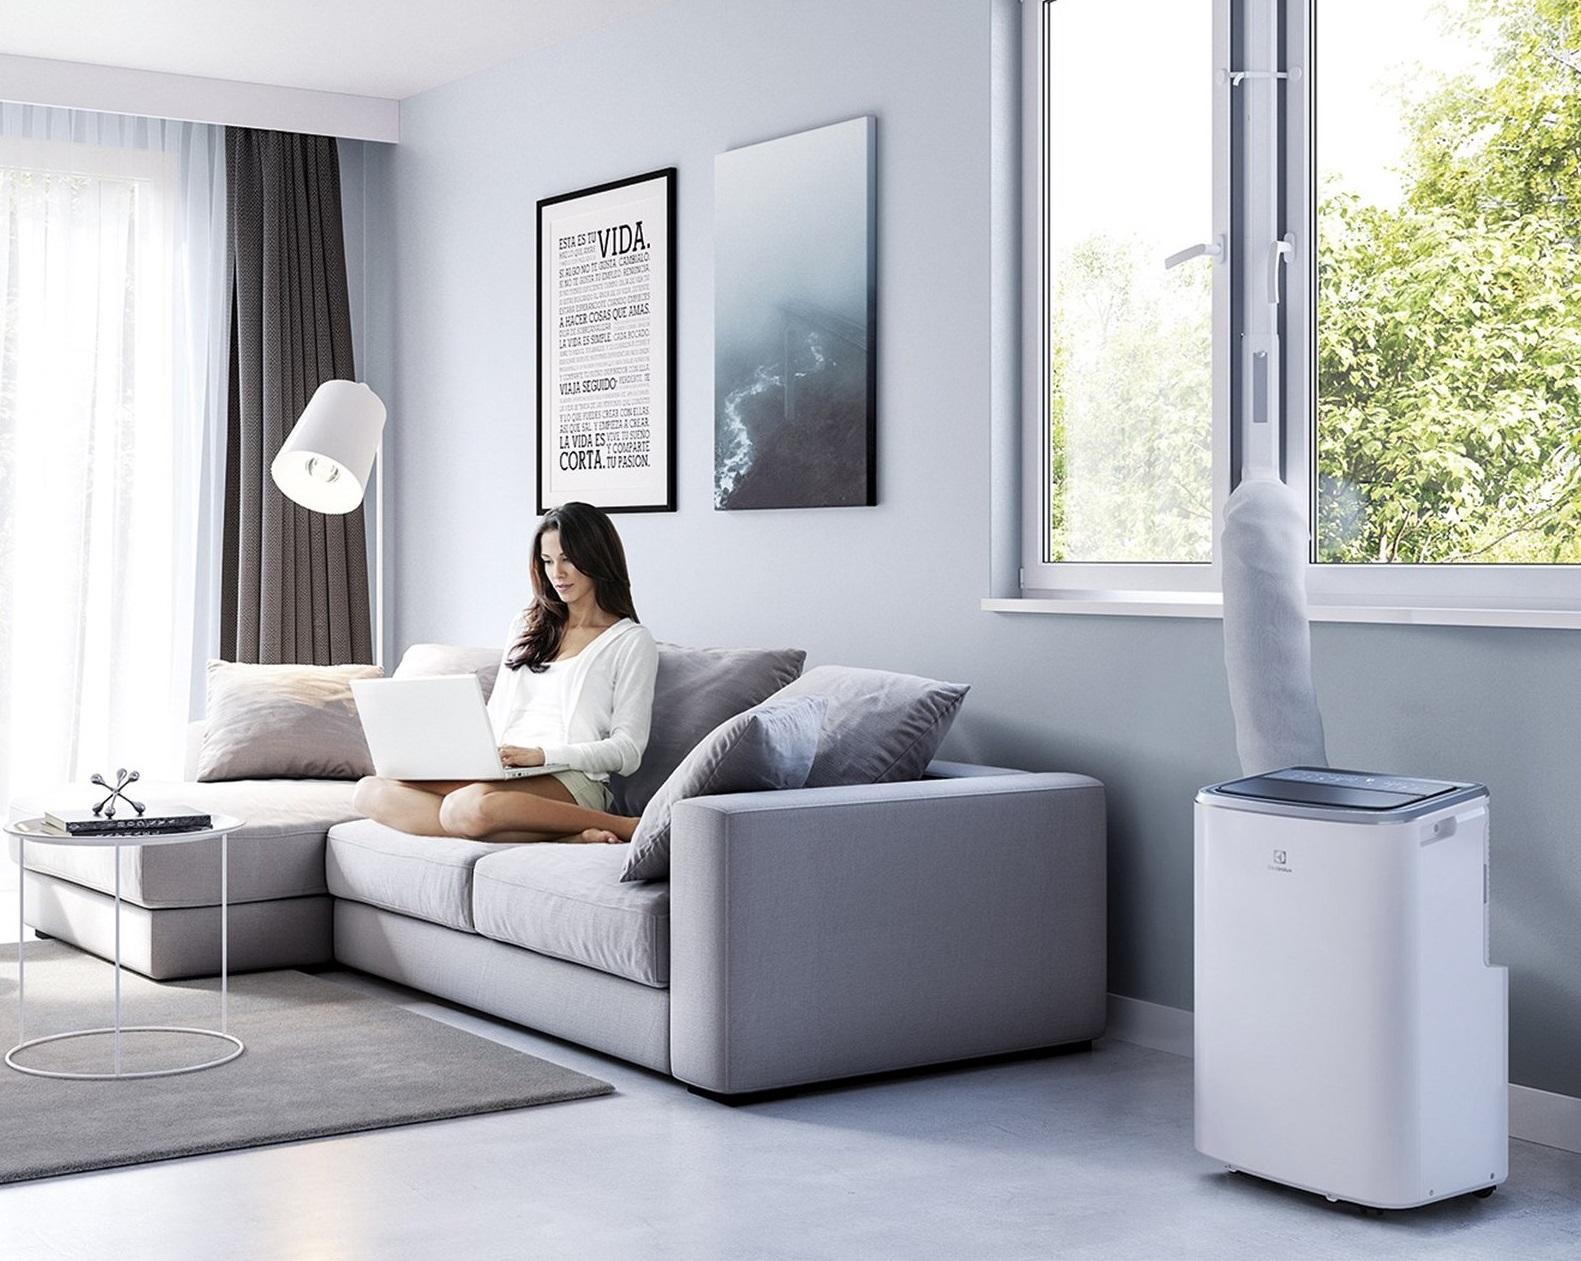 Na obrazku znajduje się Klimatyzator przenośny Electrolux EXP34U338HW w kolorze białym.